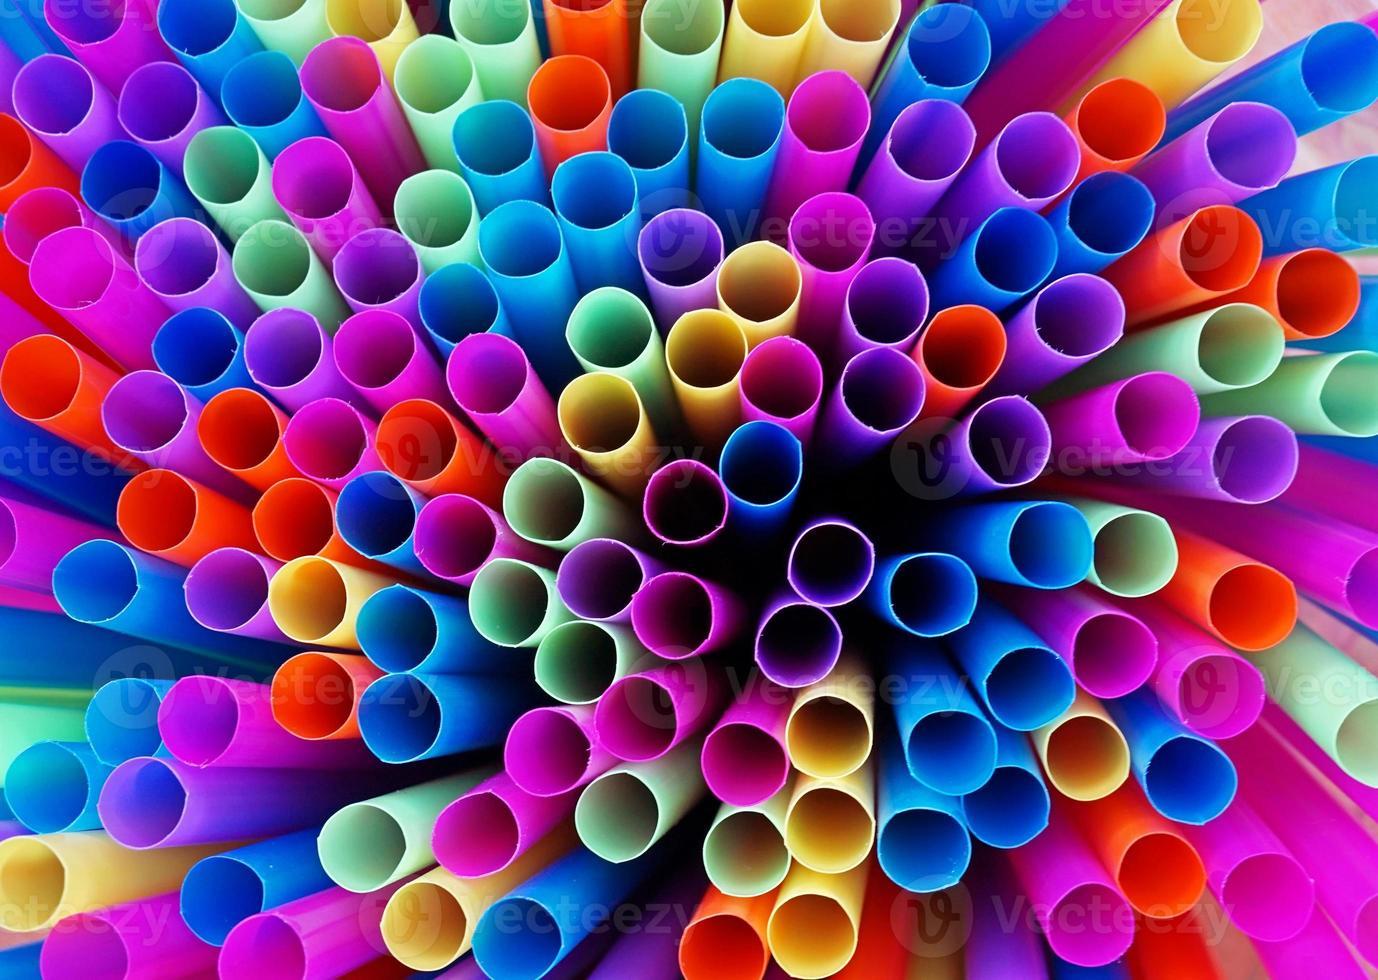 radiador colorido de canudos foto